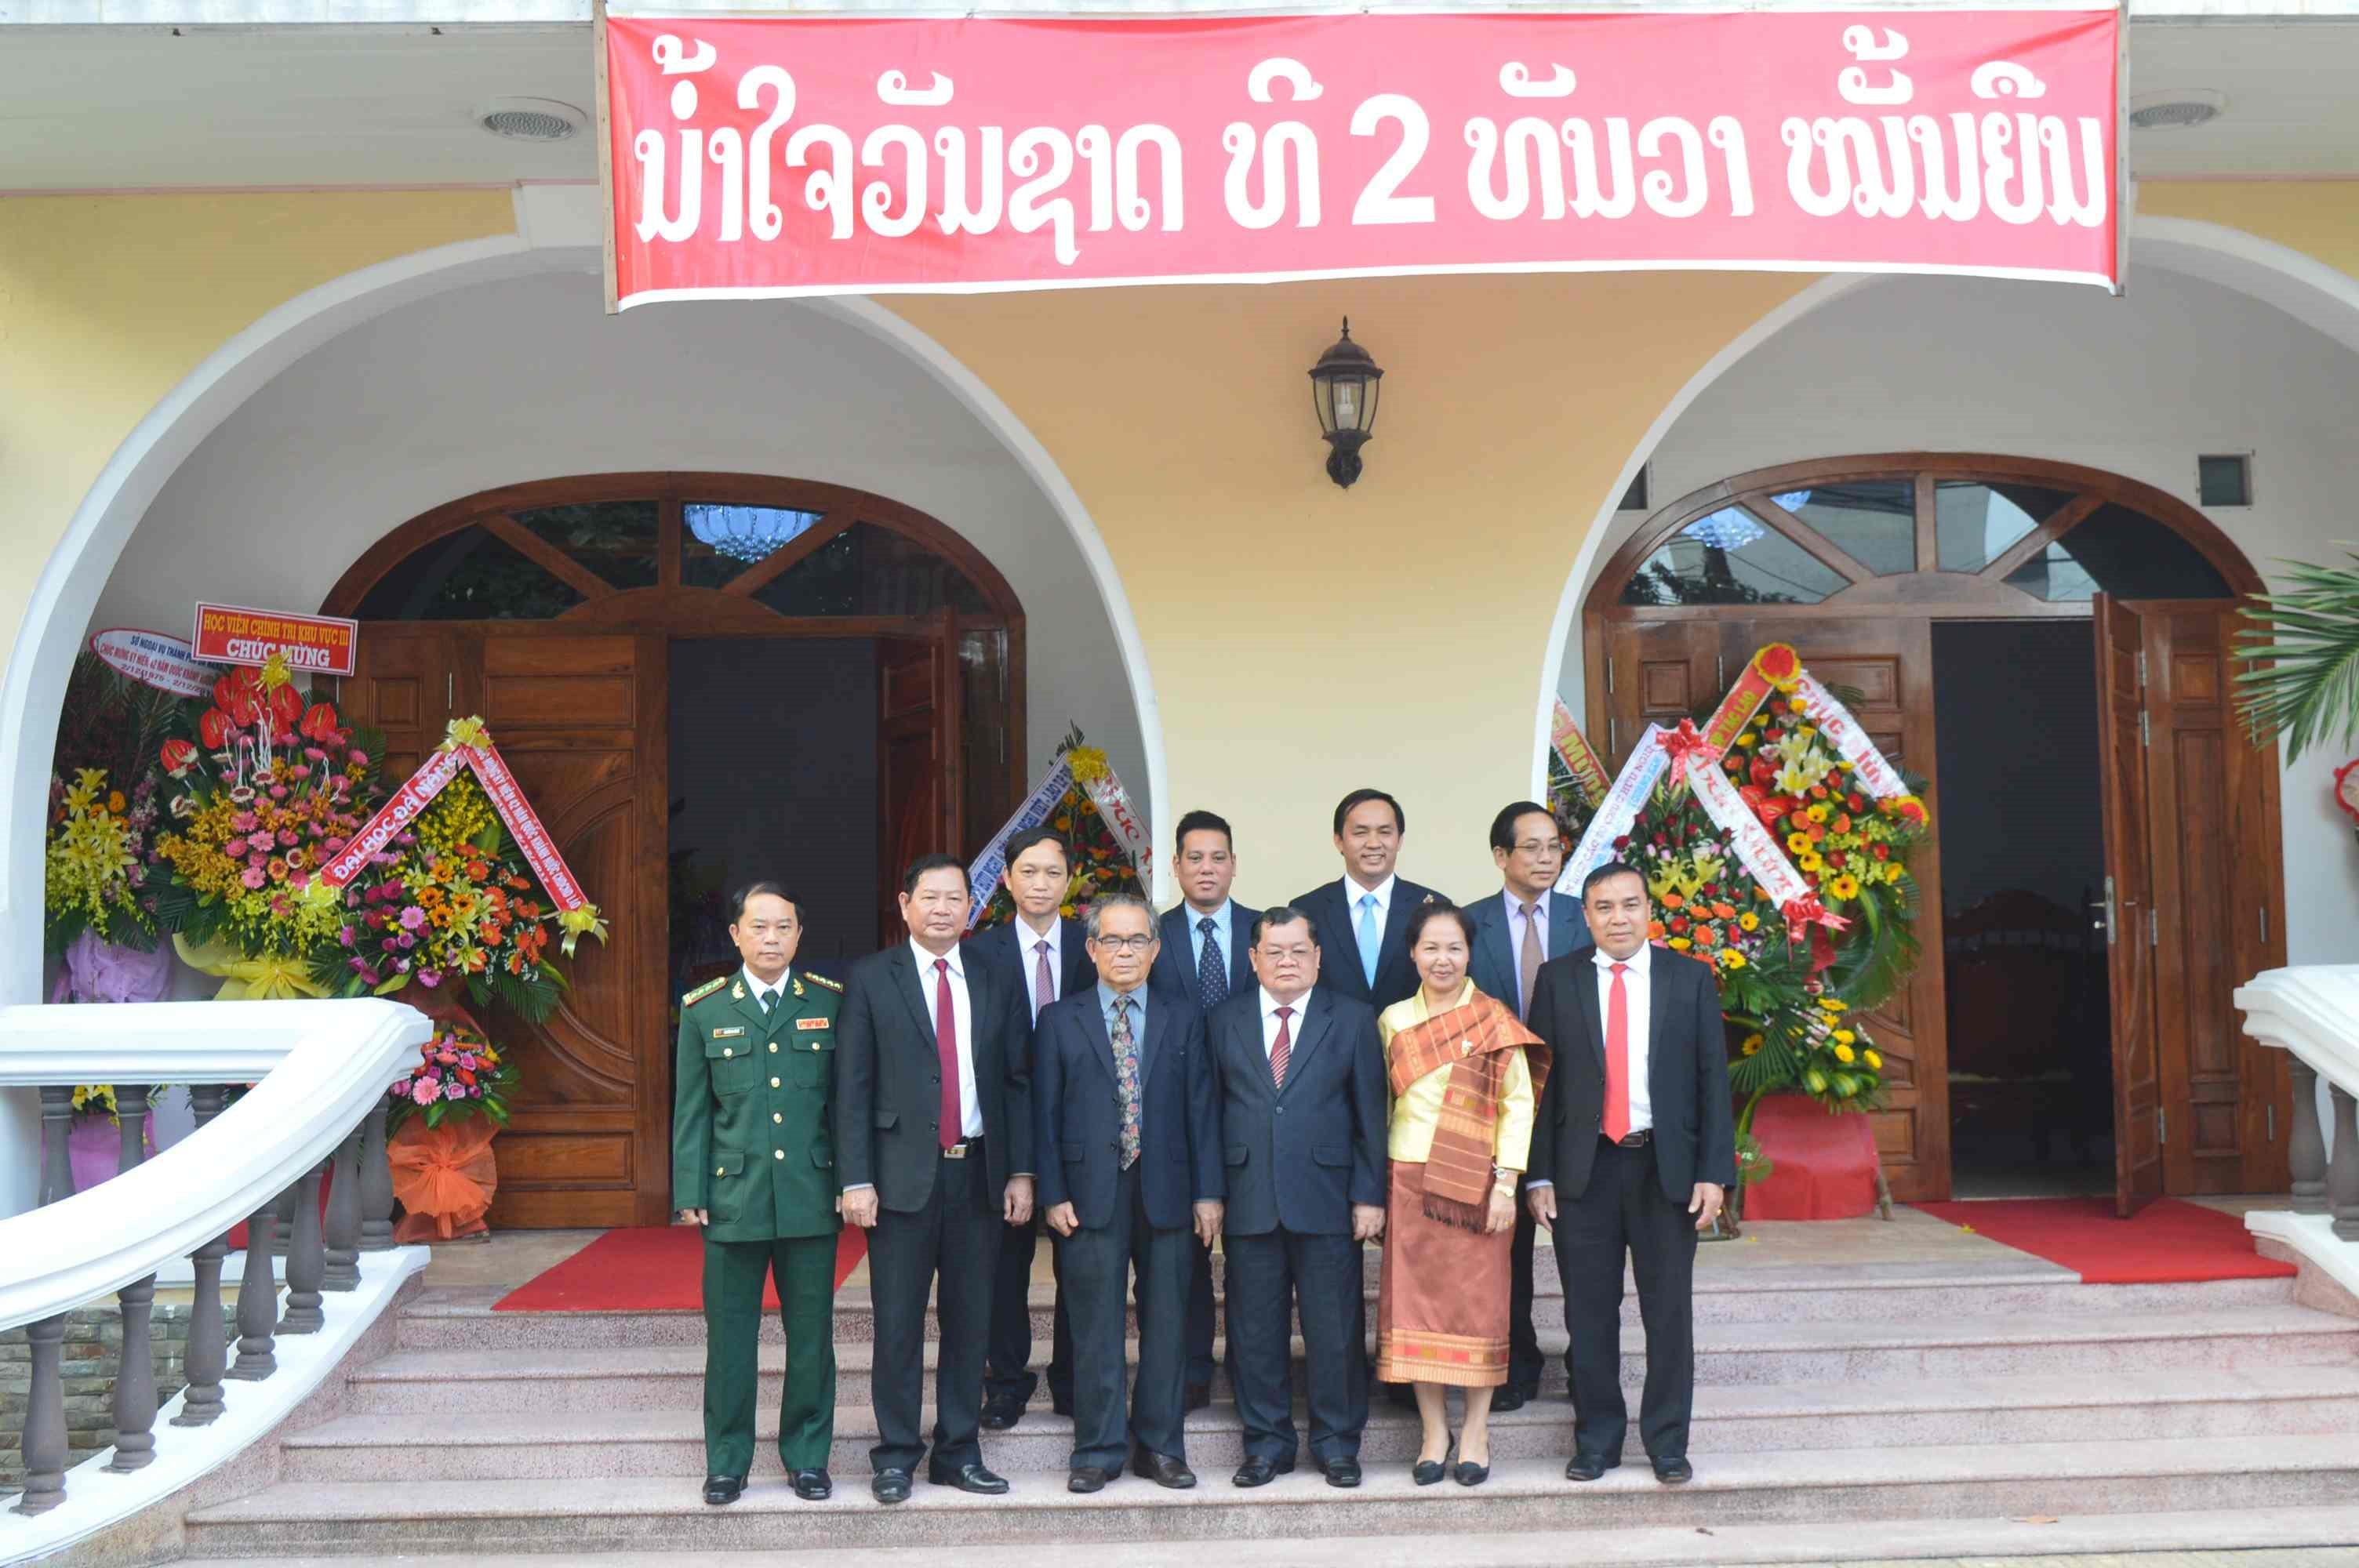 At Lao Embassy in Da Nang city